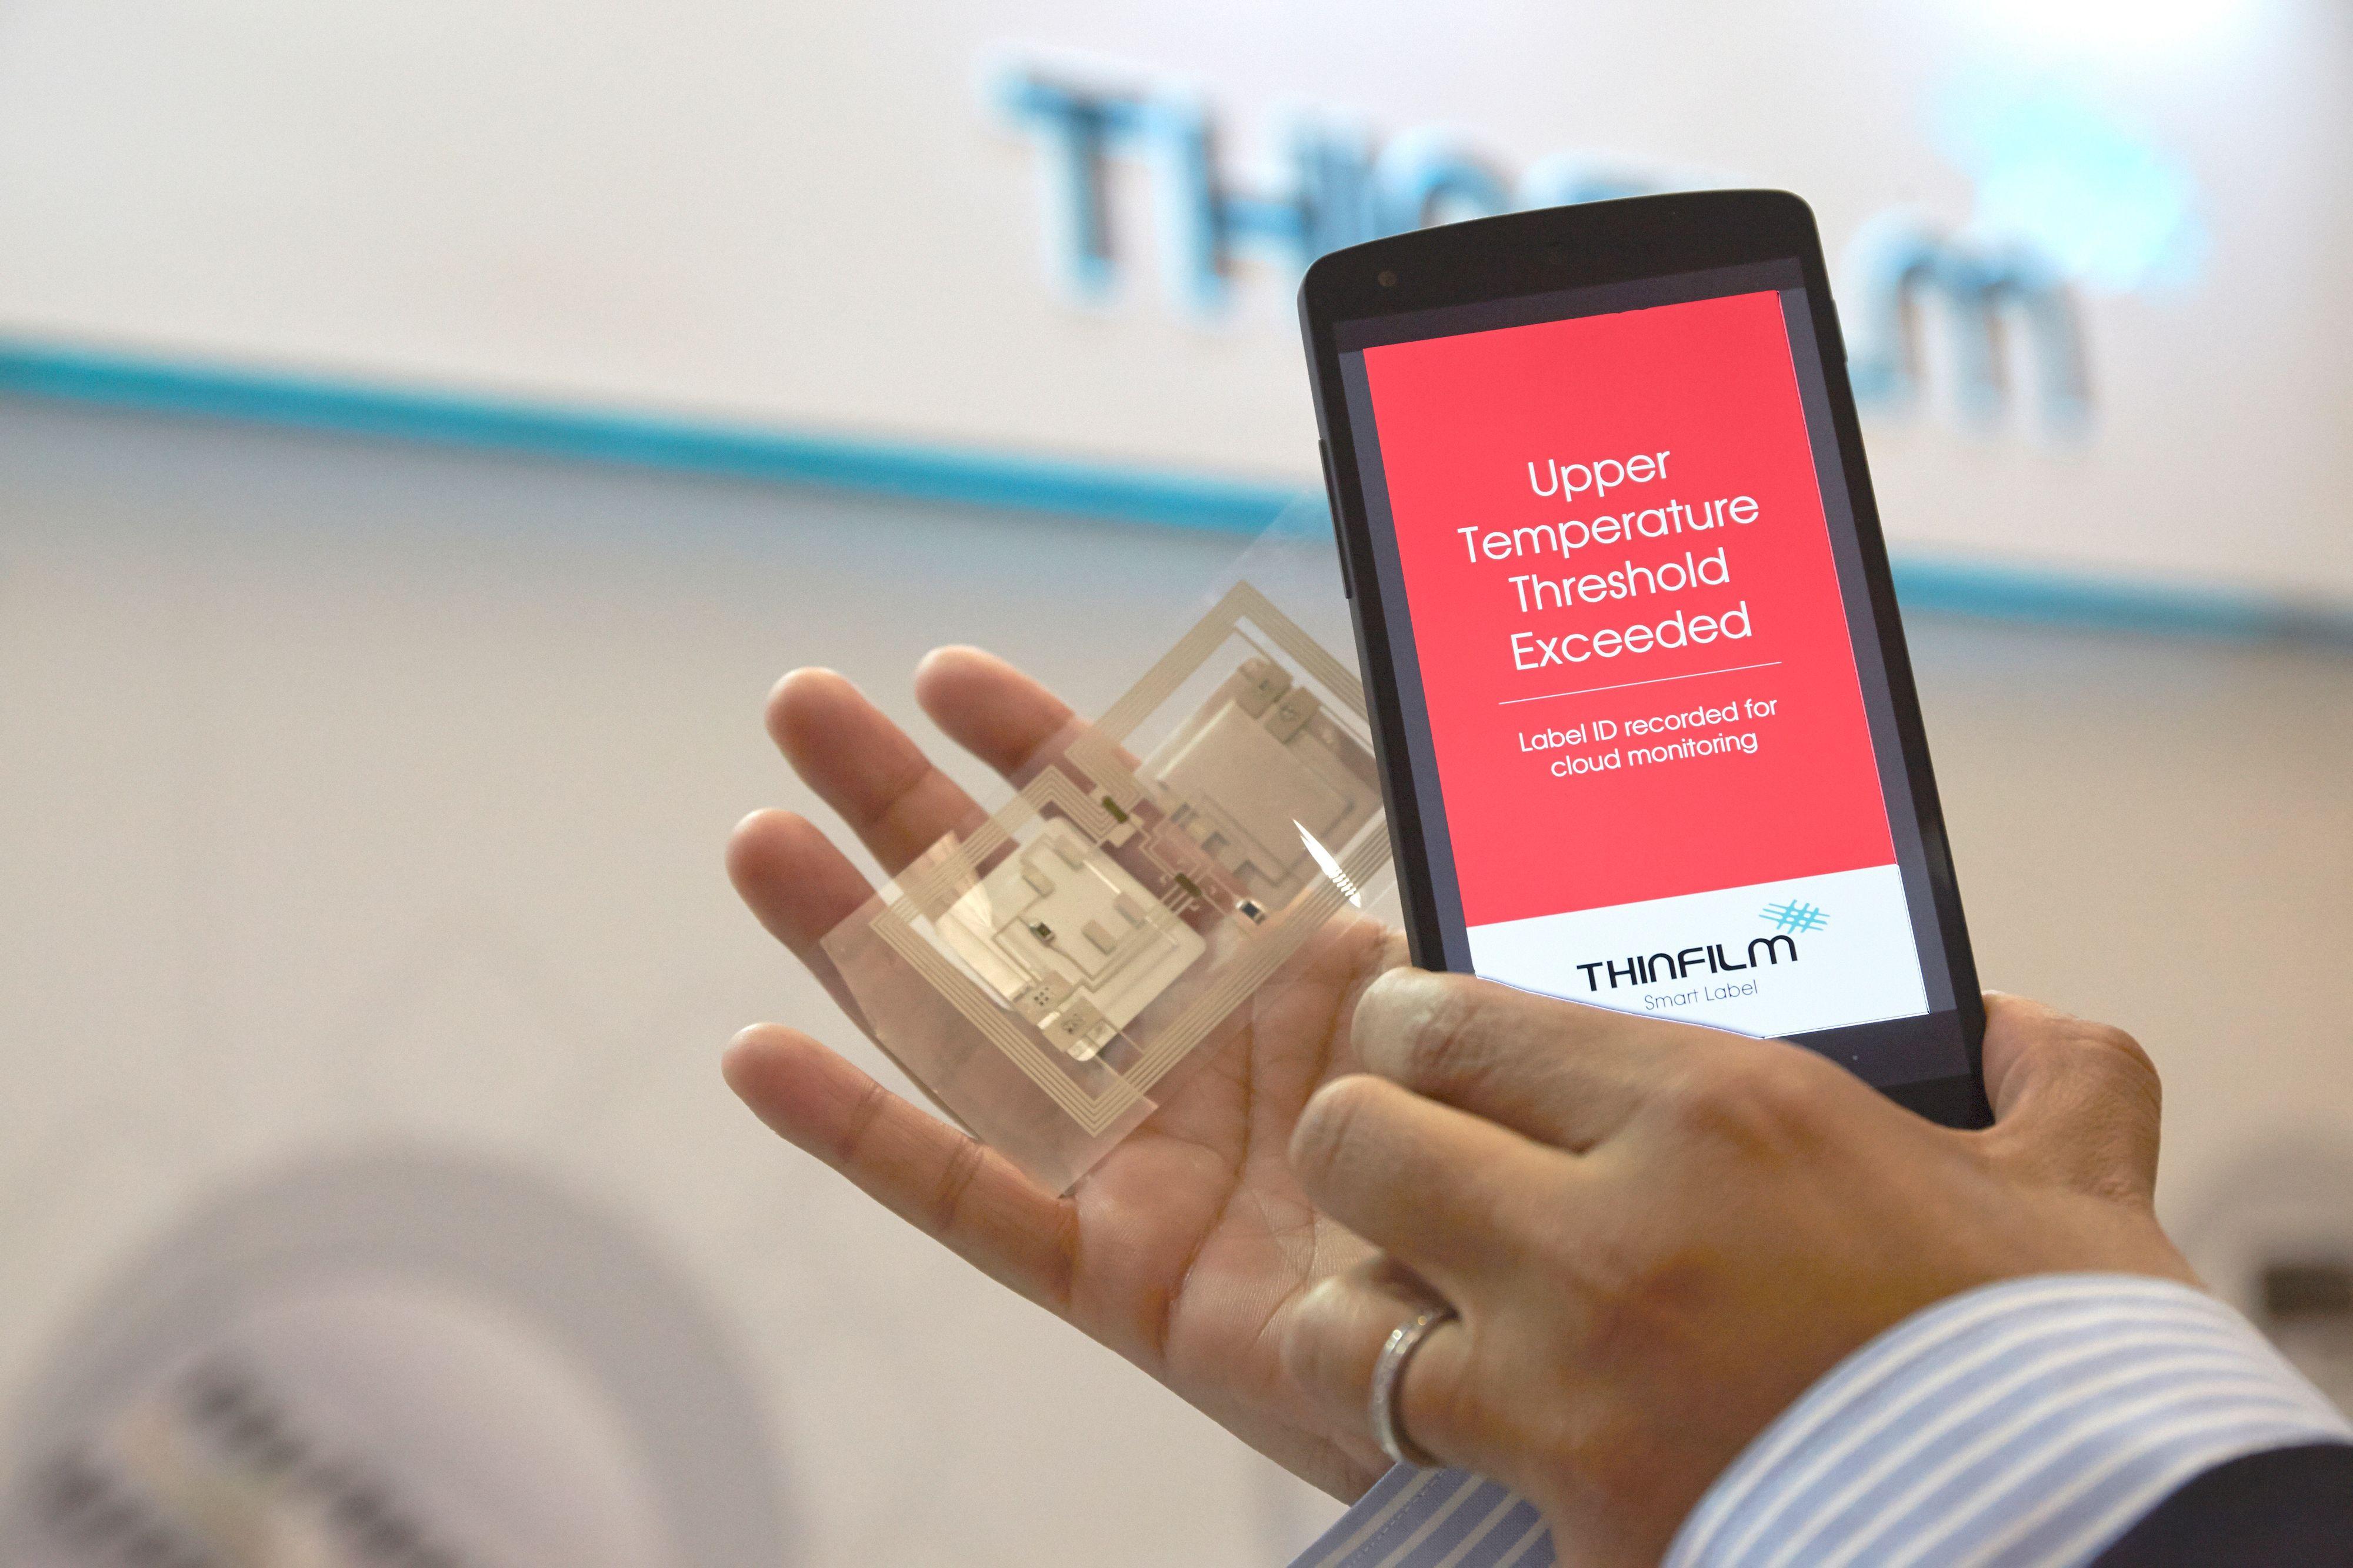 Skanning av et elektronisk merke ved hjelp av NFC.Foto: Thinfilm